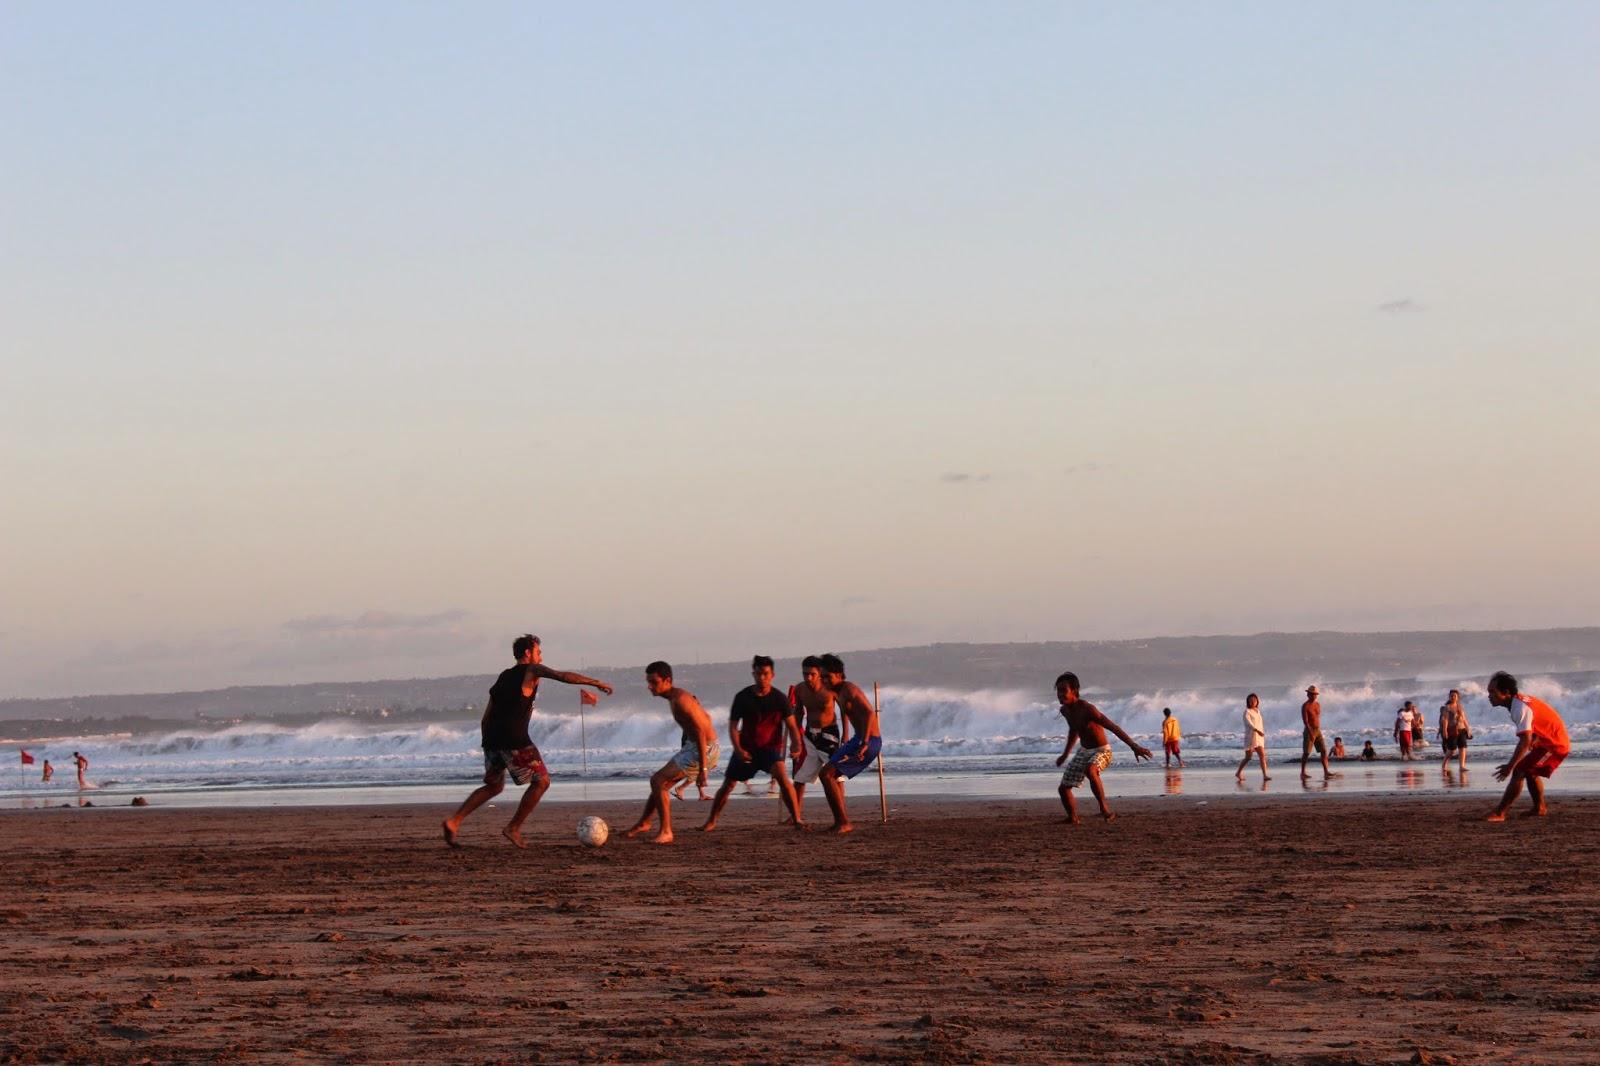 Futbol en la playa en Bali